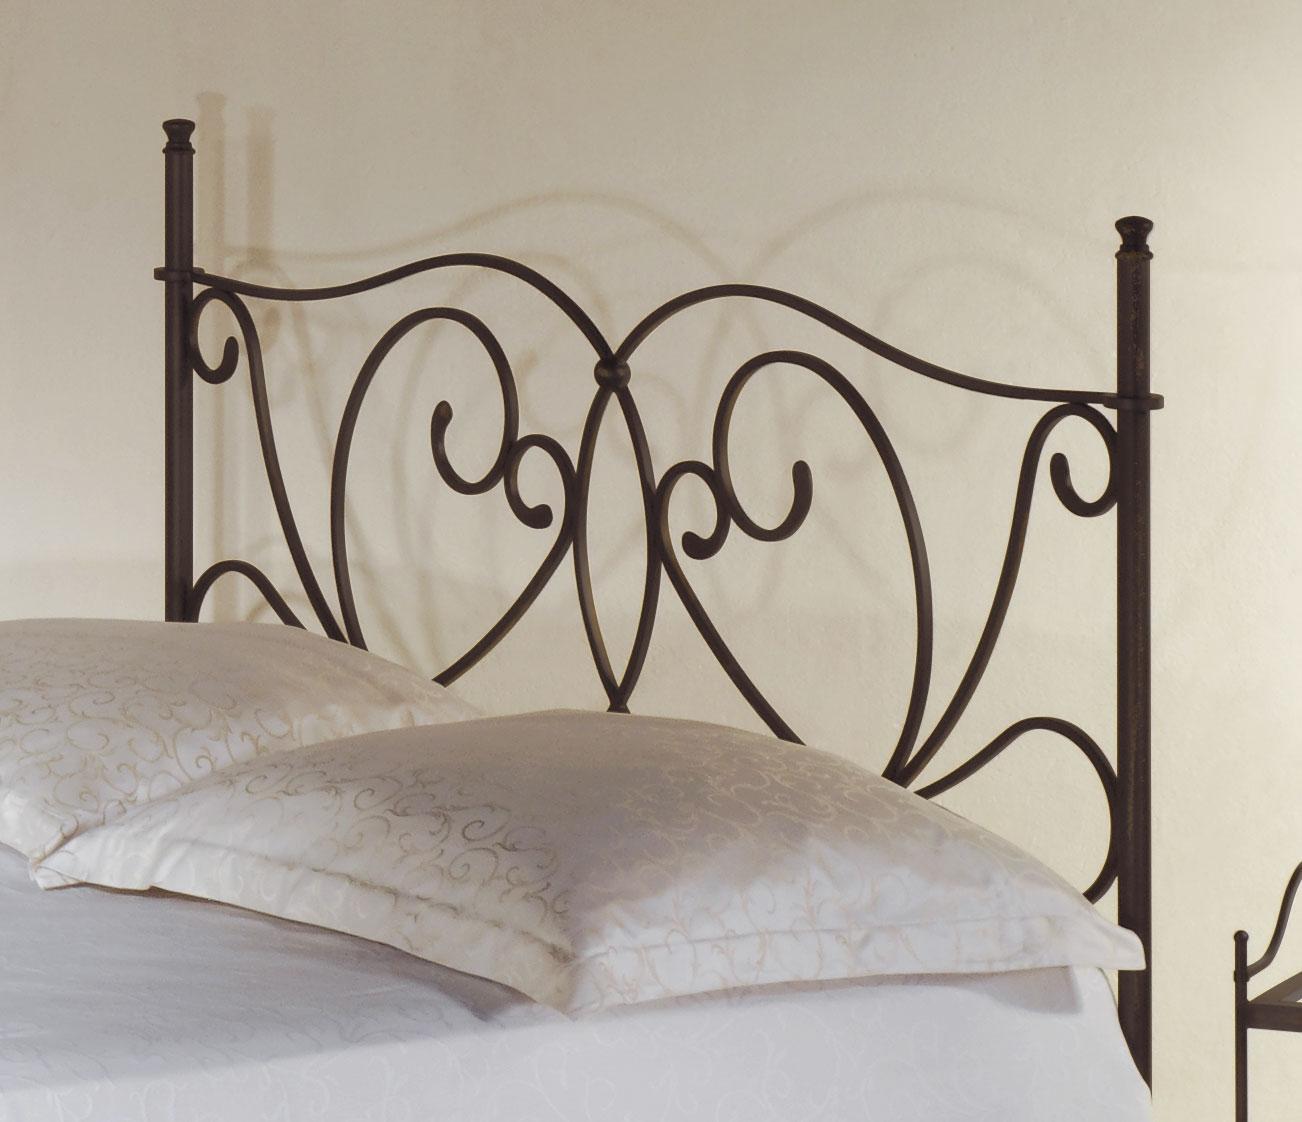 doppelbett metall latest bett aus metall schwarz mit m lheim ruhr with doppelbett metall good. Black Bedroom Furniture Sets. Home Design Ideas